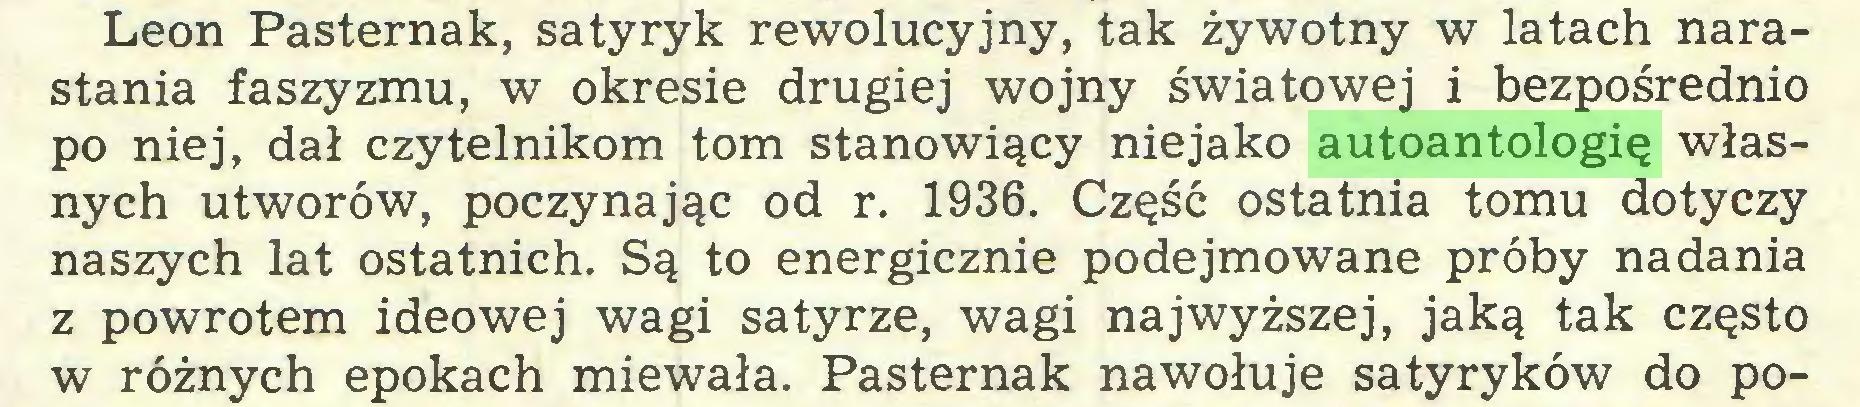 (...) Leon Pasternak, satyryk rewolucyjny, tak żywotny w latach narastania faszyzmu, w okresie drugiej wojny światowej i bezpośrednio po niej, dał czytelnikom tom stanowiący niejako autoantologię własnych utworów, poczynając od r. 1936. Część ostatnia tomu dotyczy naszych lat ostatnich. Są to energicznie podejmowane próby nadania z powrotem ideowej wagi satyrze, wagi najwyższej, jaką tak często w różnych epokach miewała. Pasternak nawołuje satyryków do po...